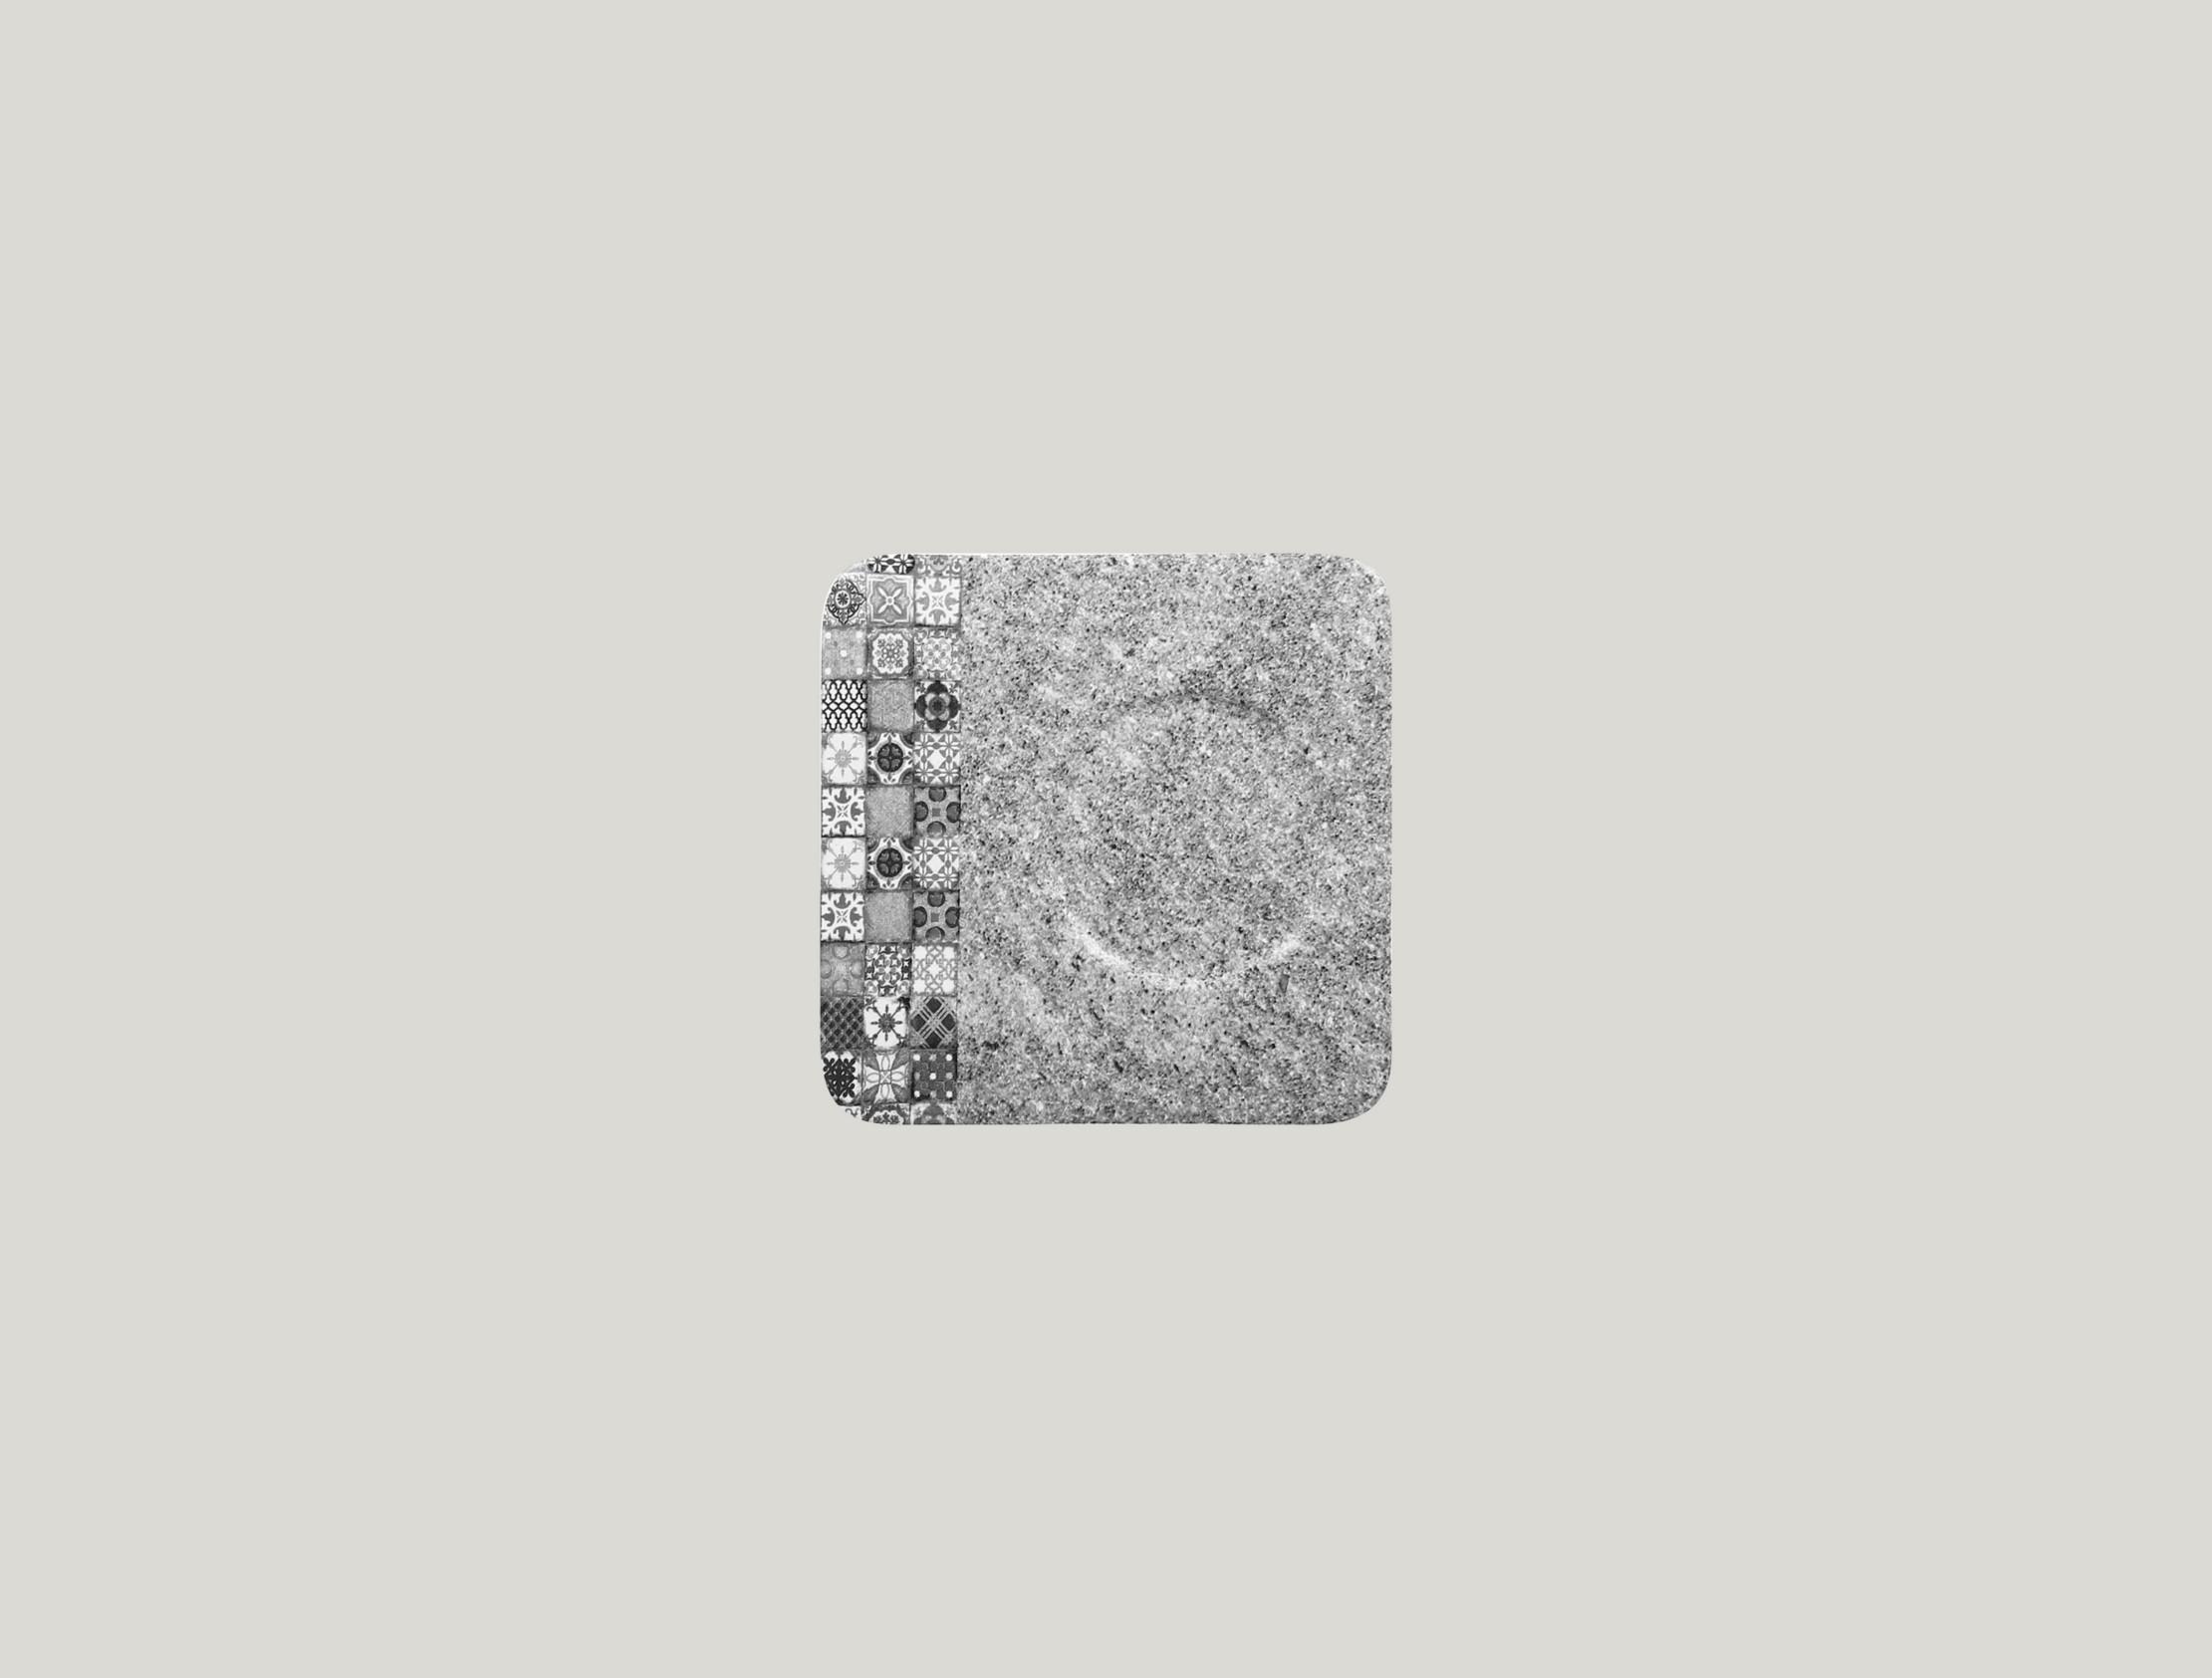 Podšálek pro šálek MSCU17/MSCU17M 14,5 cm - šedá